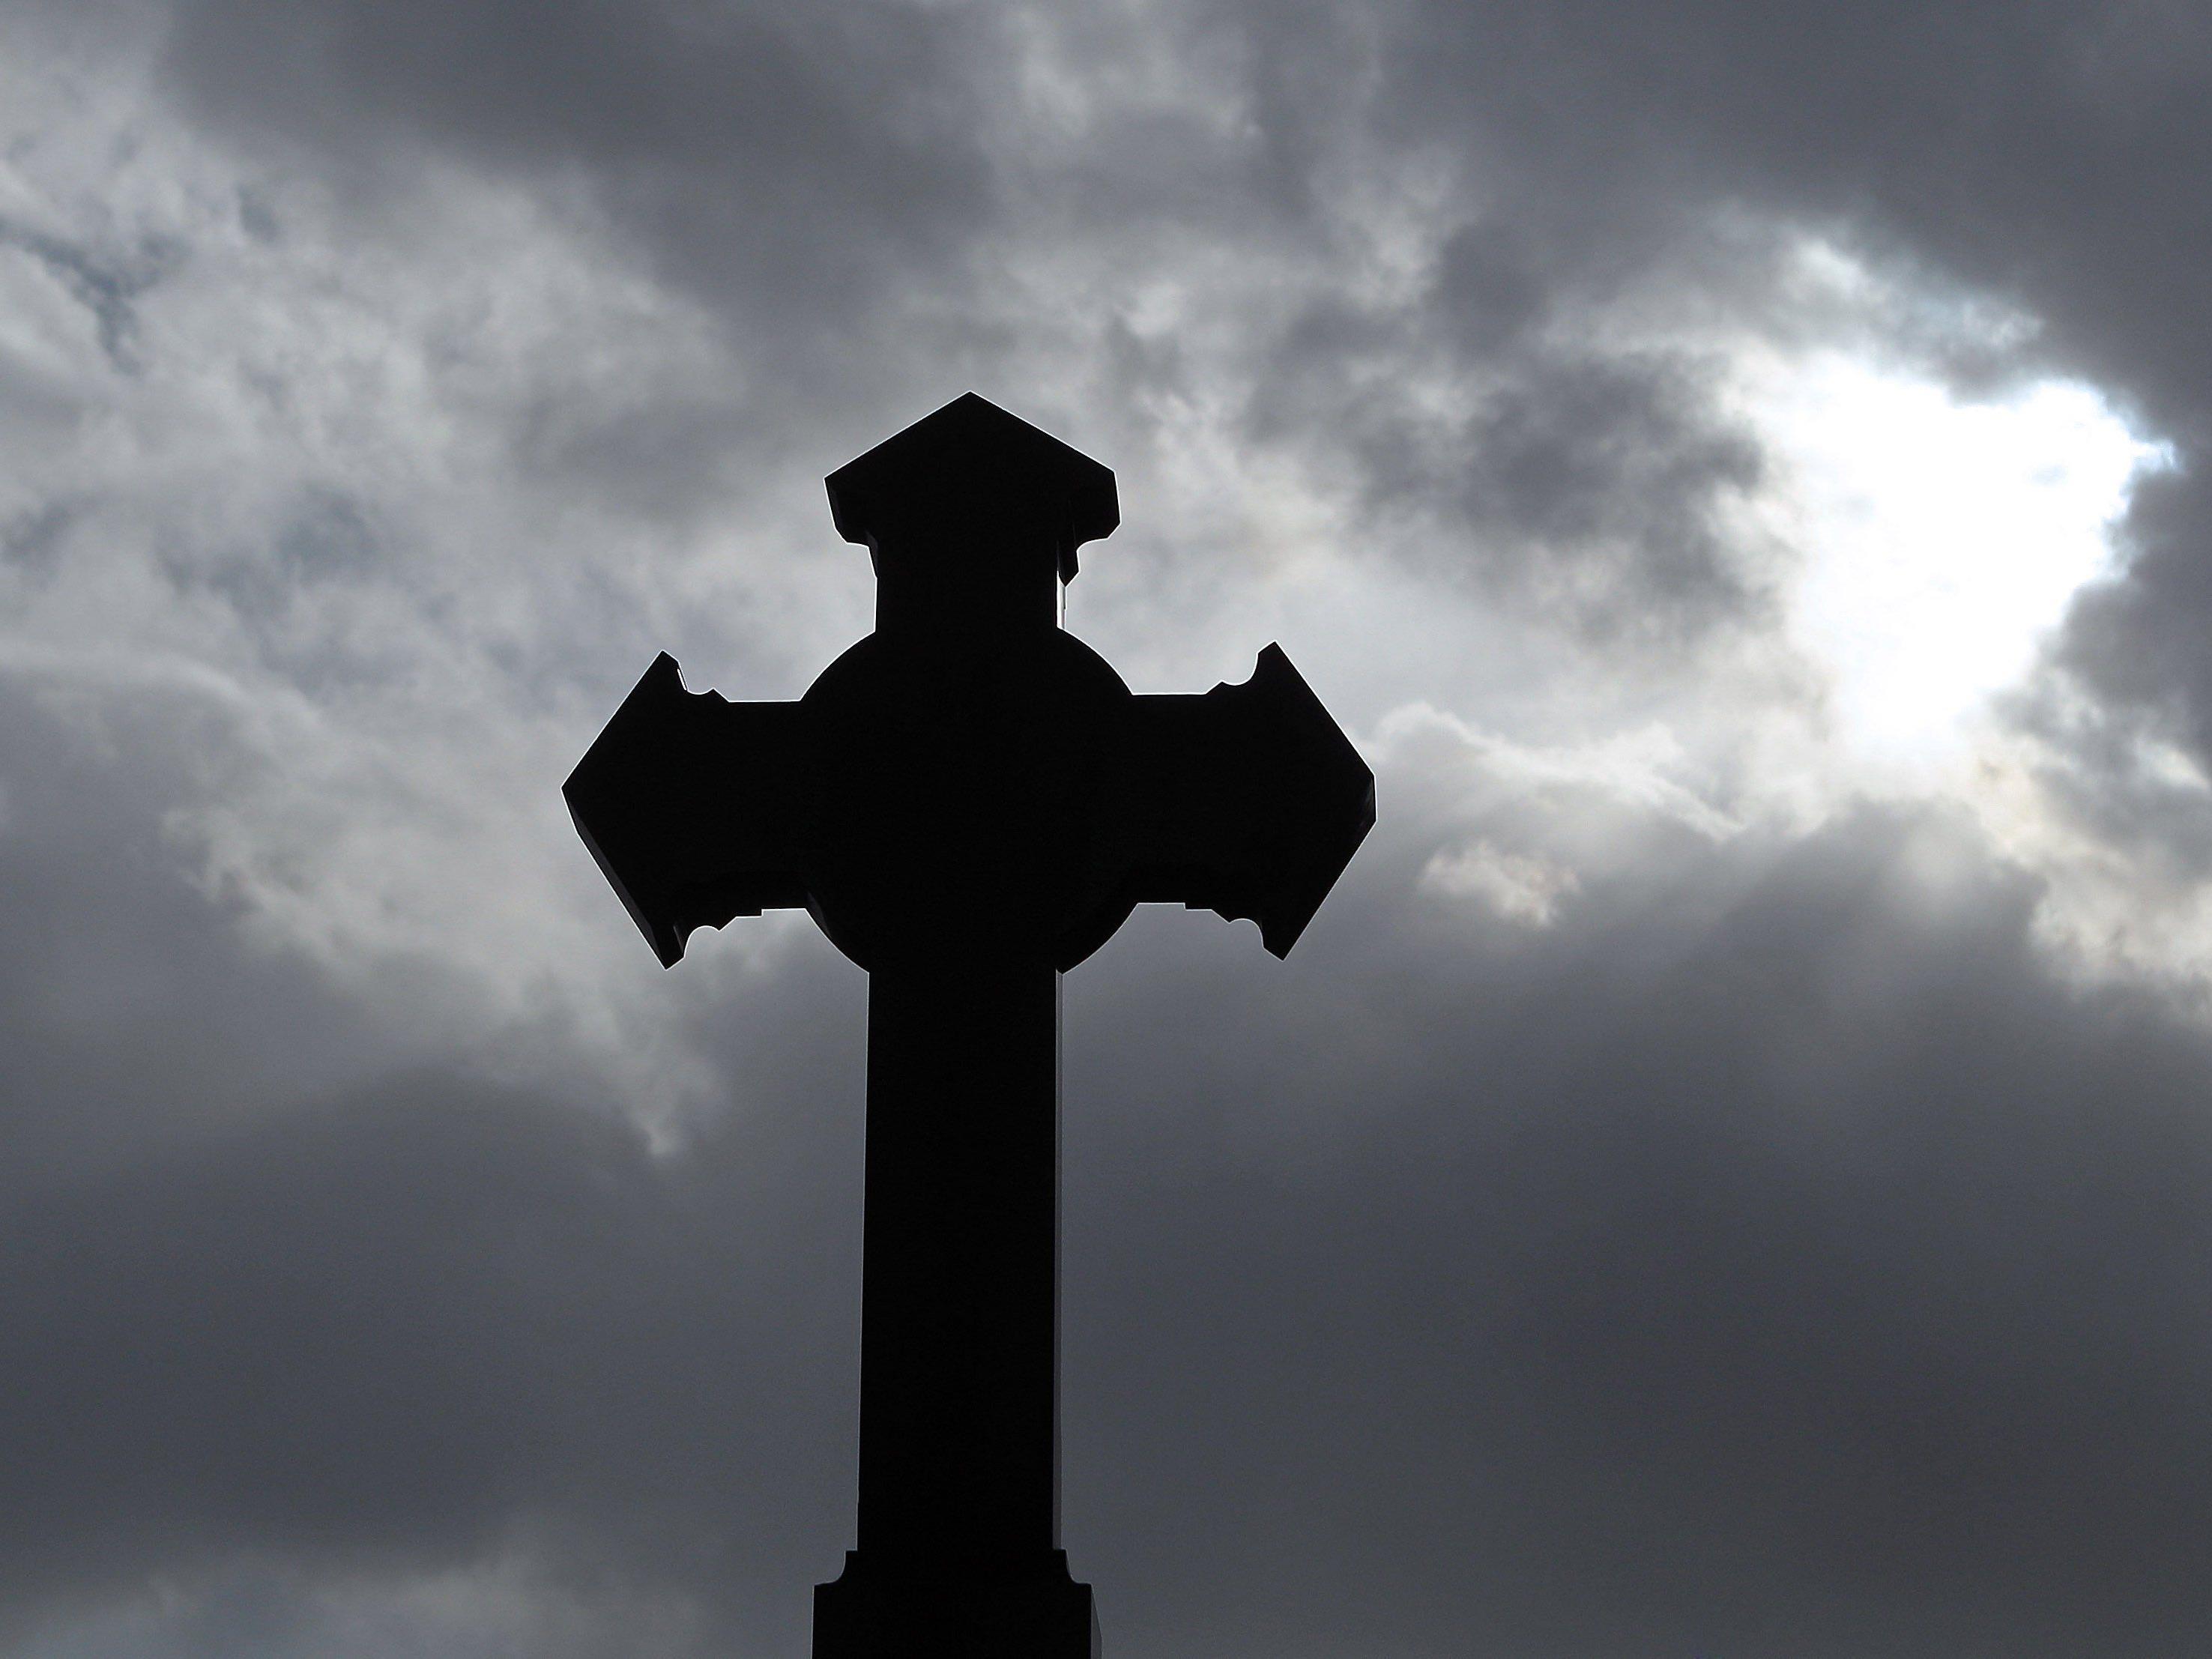 In der evangelischen Kirche ist es Frauen längst erlaubt, ein Priesteramt auszuüben.